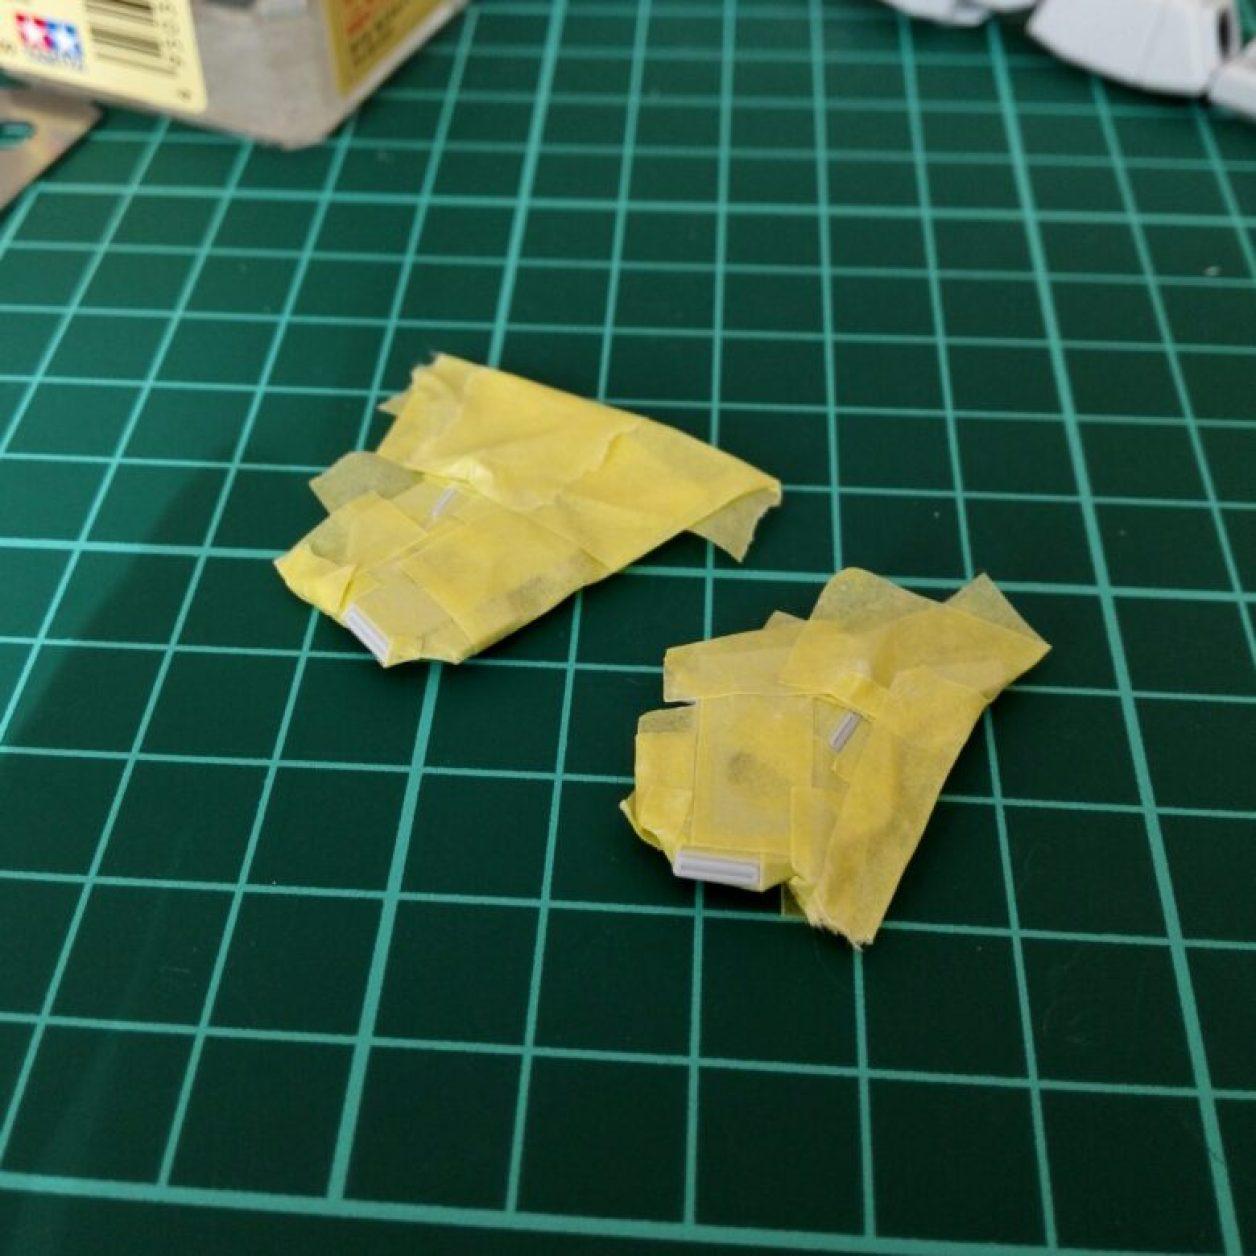 ヘイズルアウスラの胸部ユニットを構成するfg緊急脱出ポッド[プリムローズ]の制作記録における塗装工程にてマスキングを行っている画像